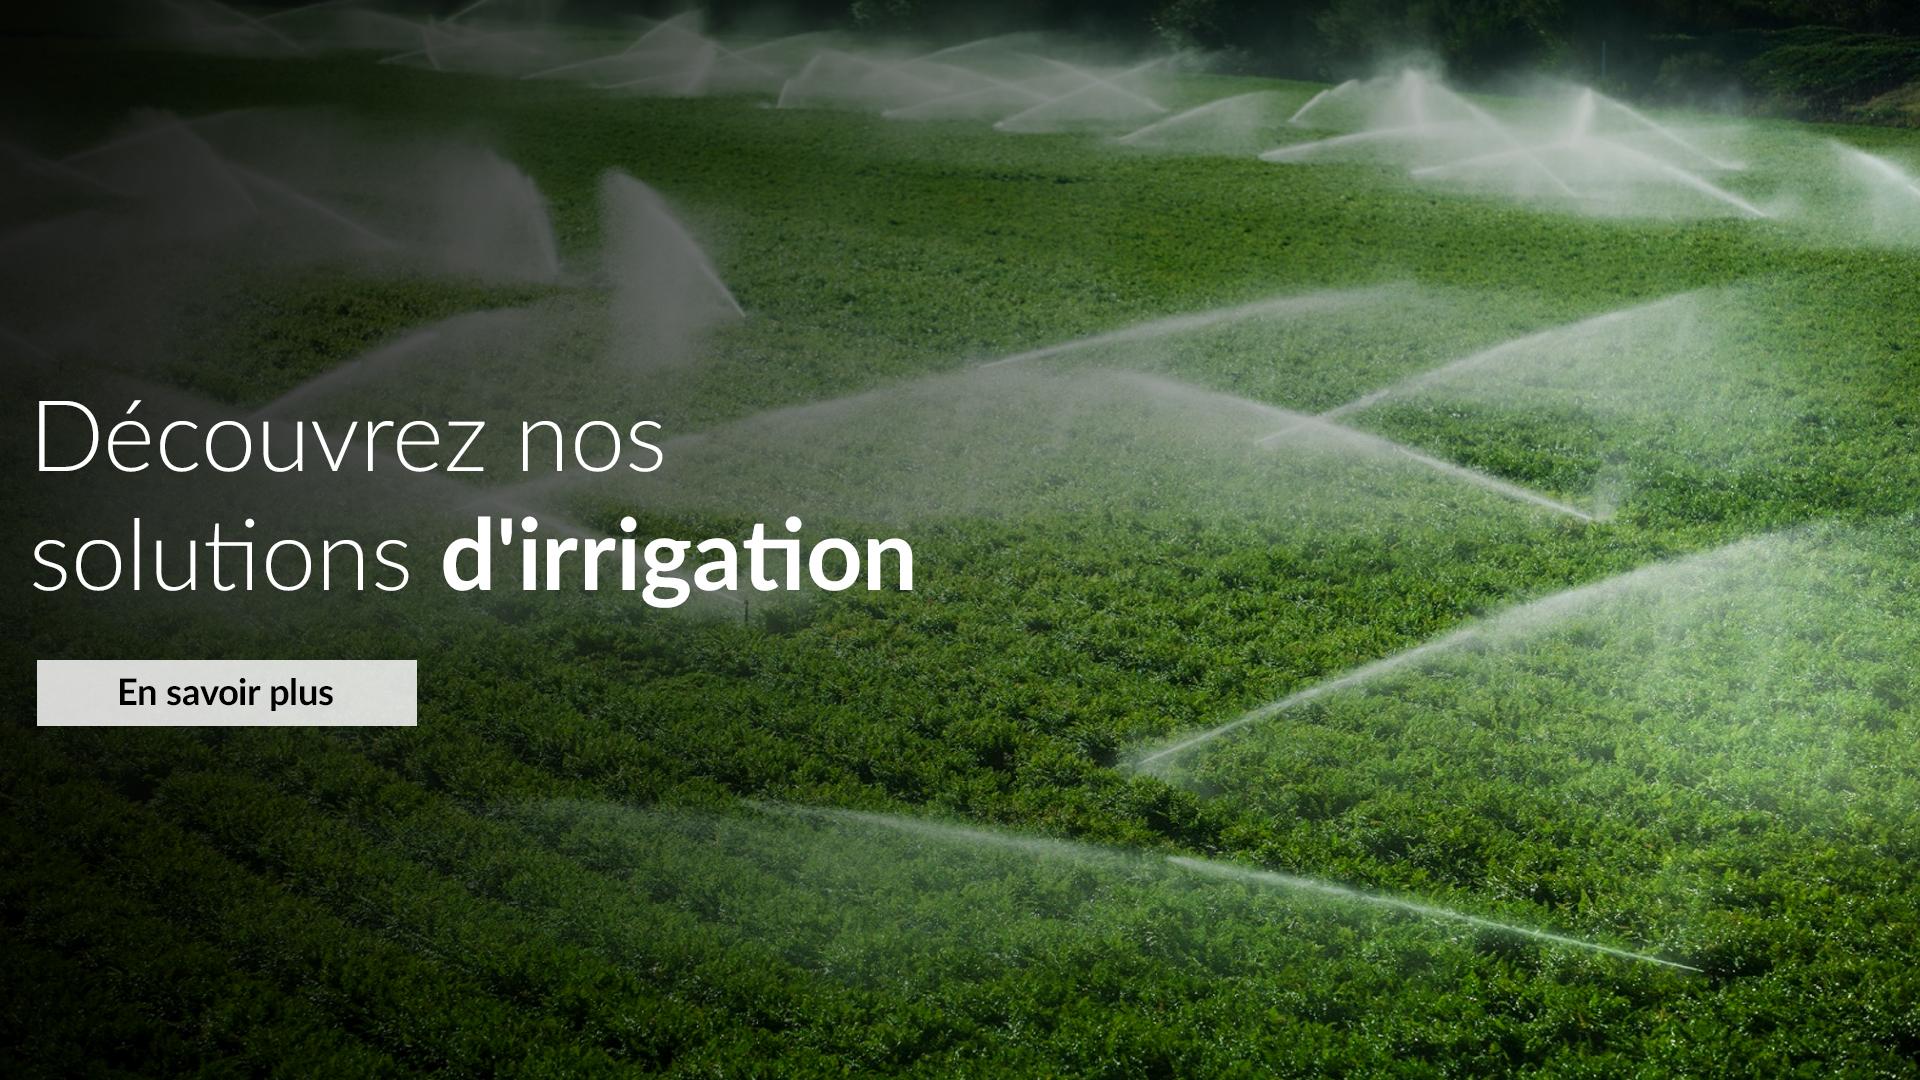 Découvrez nos solutions d'irrigation